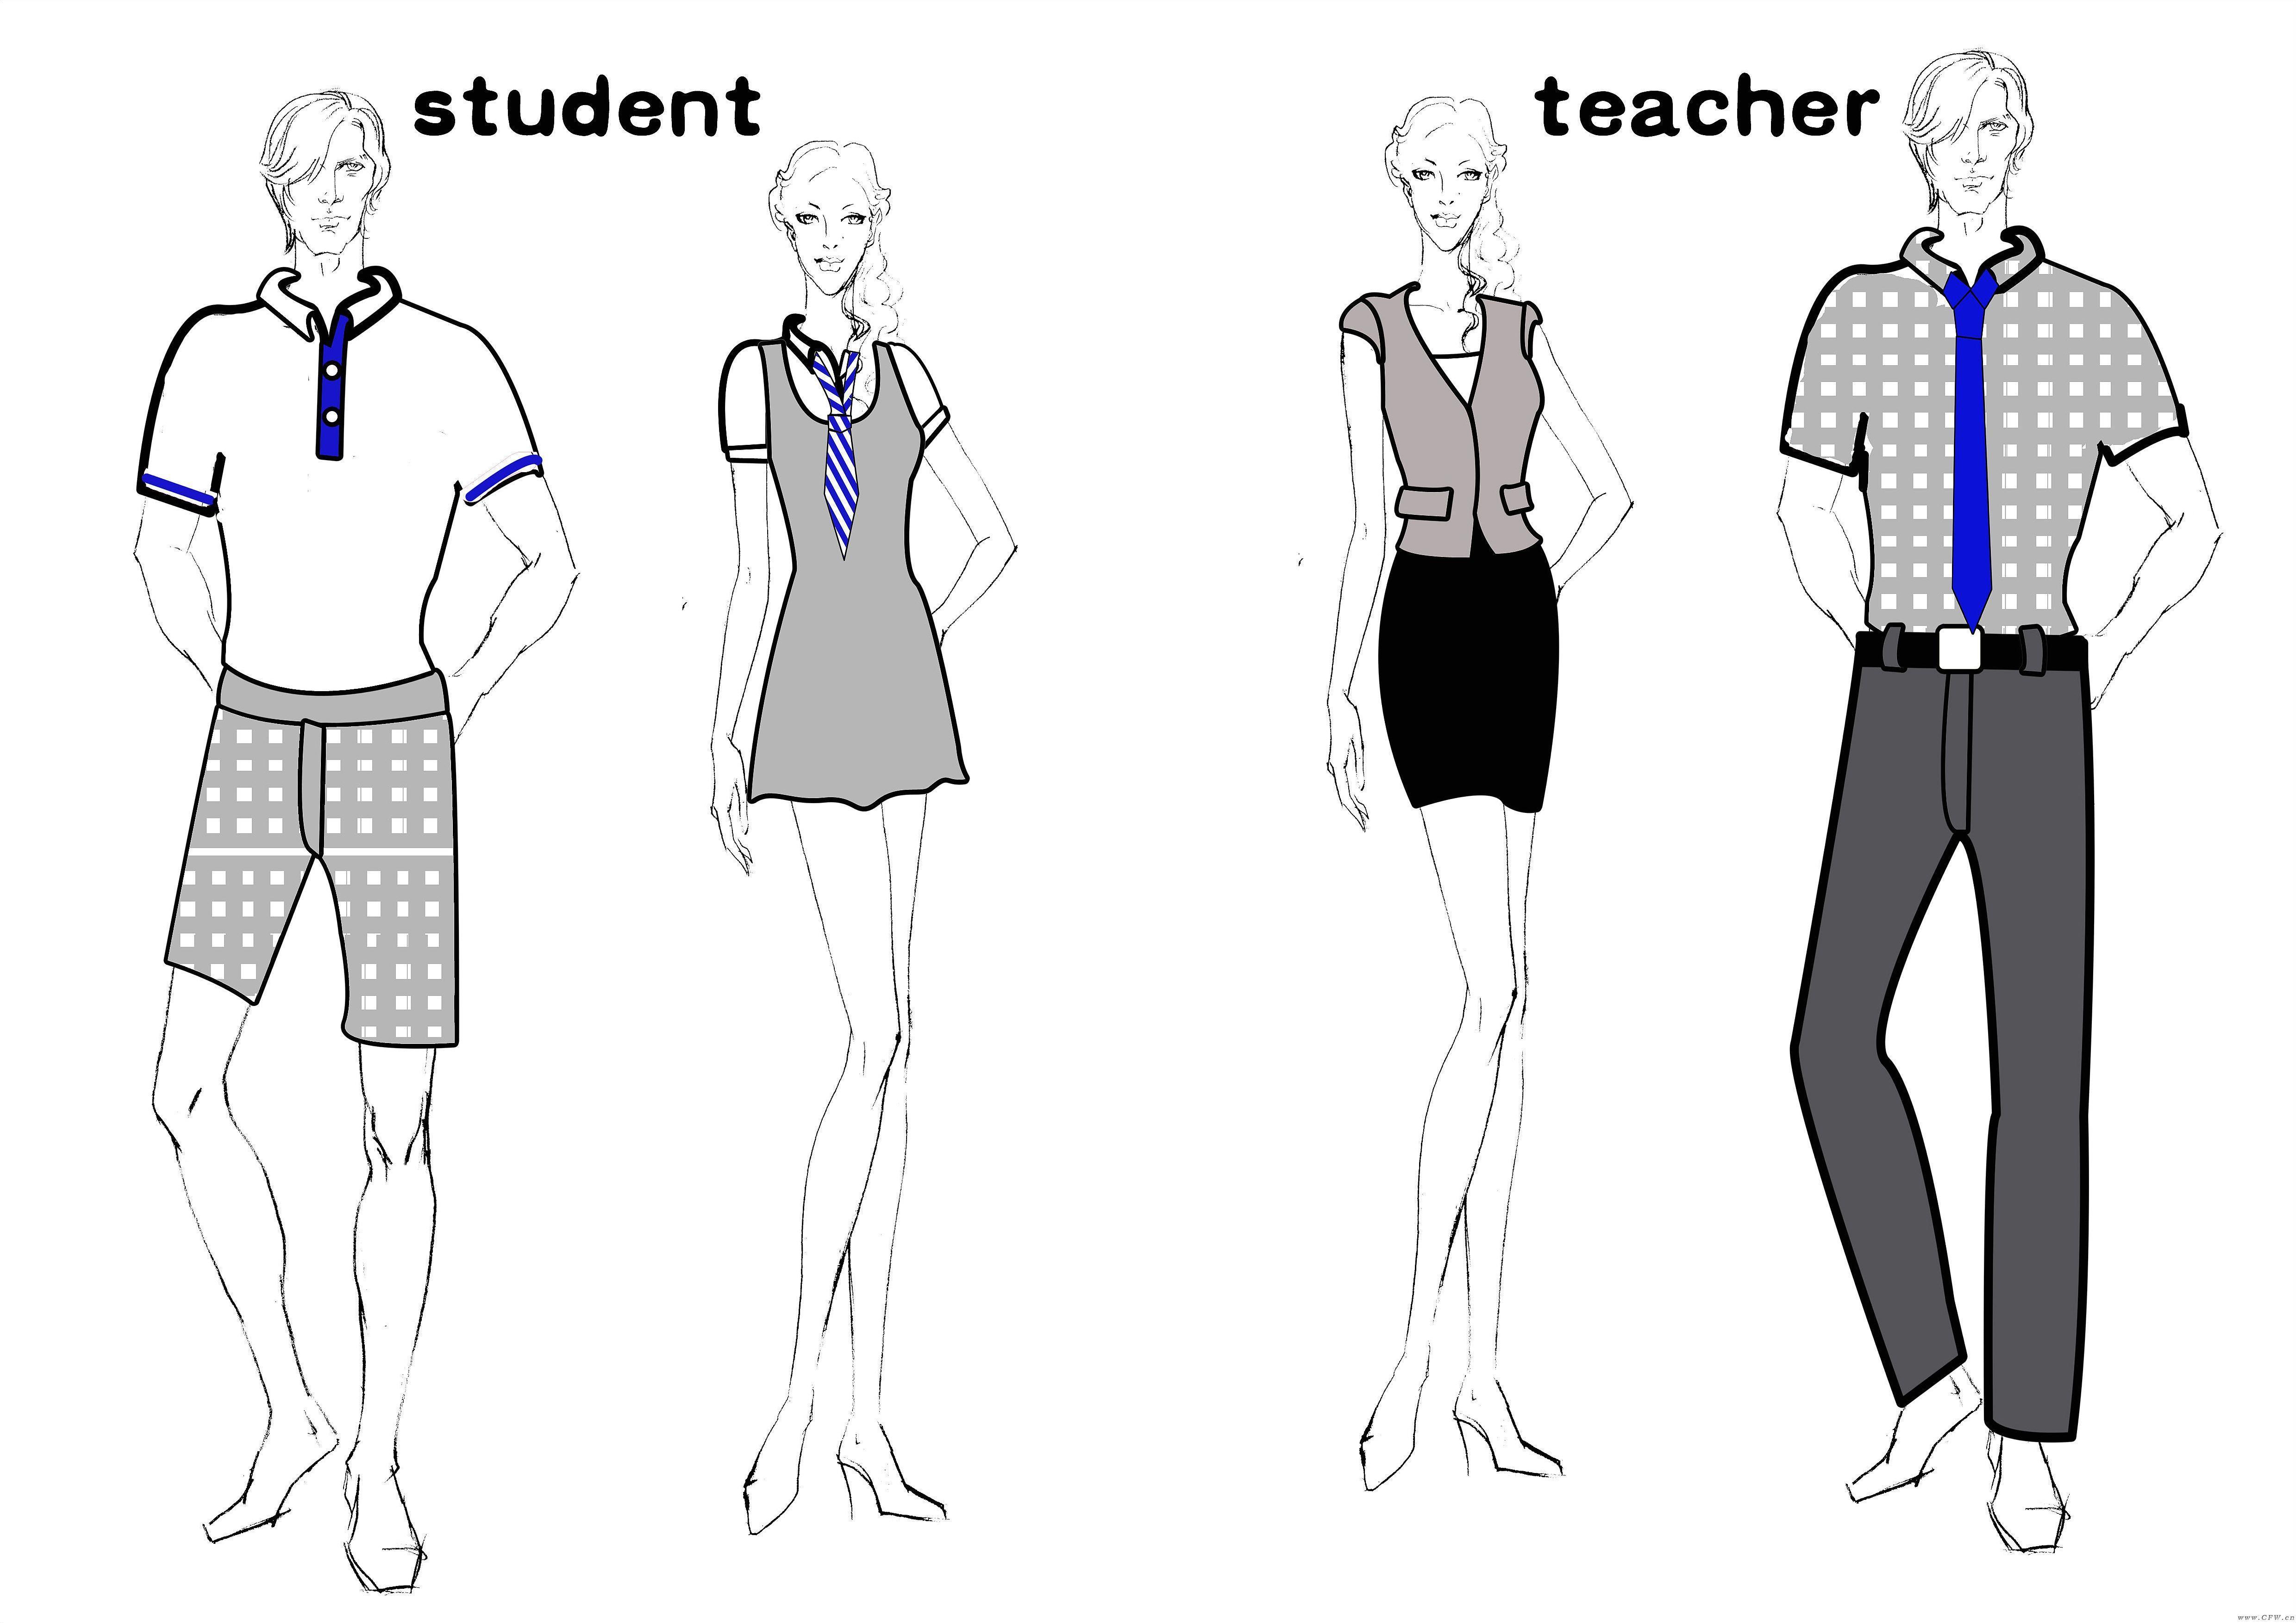 班服设计校服设计图-职业服装设计-服装设计